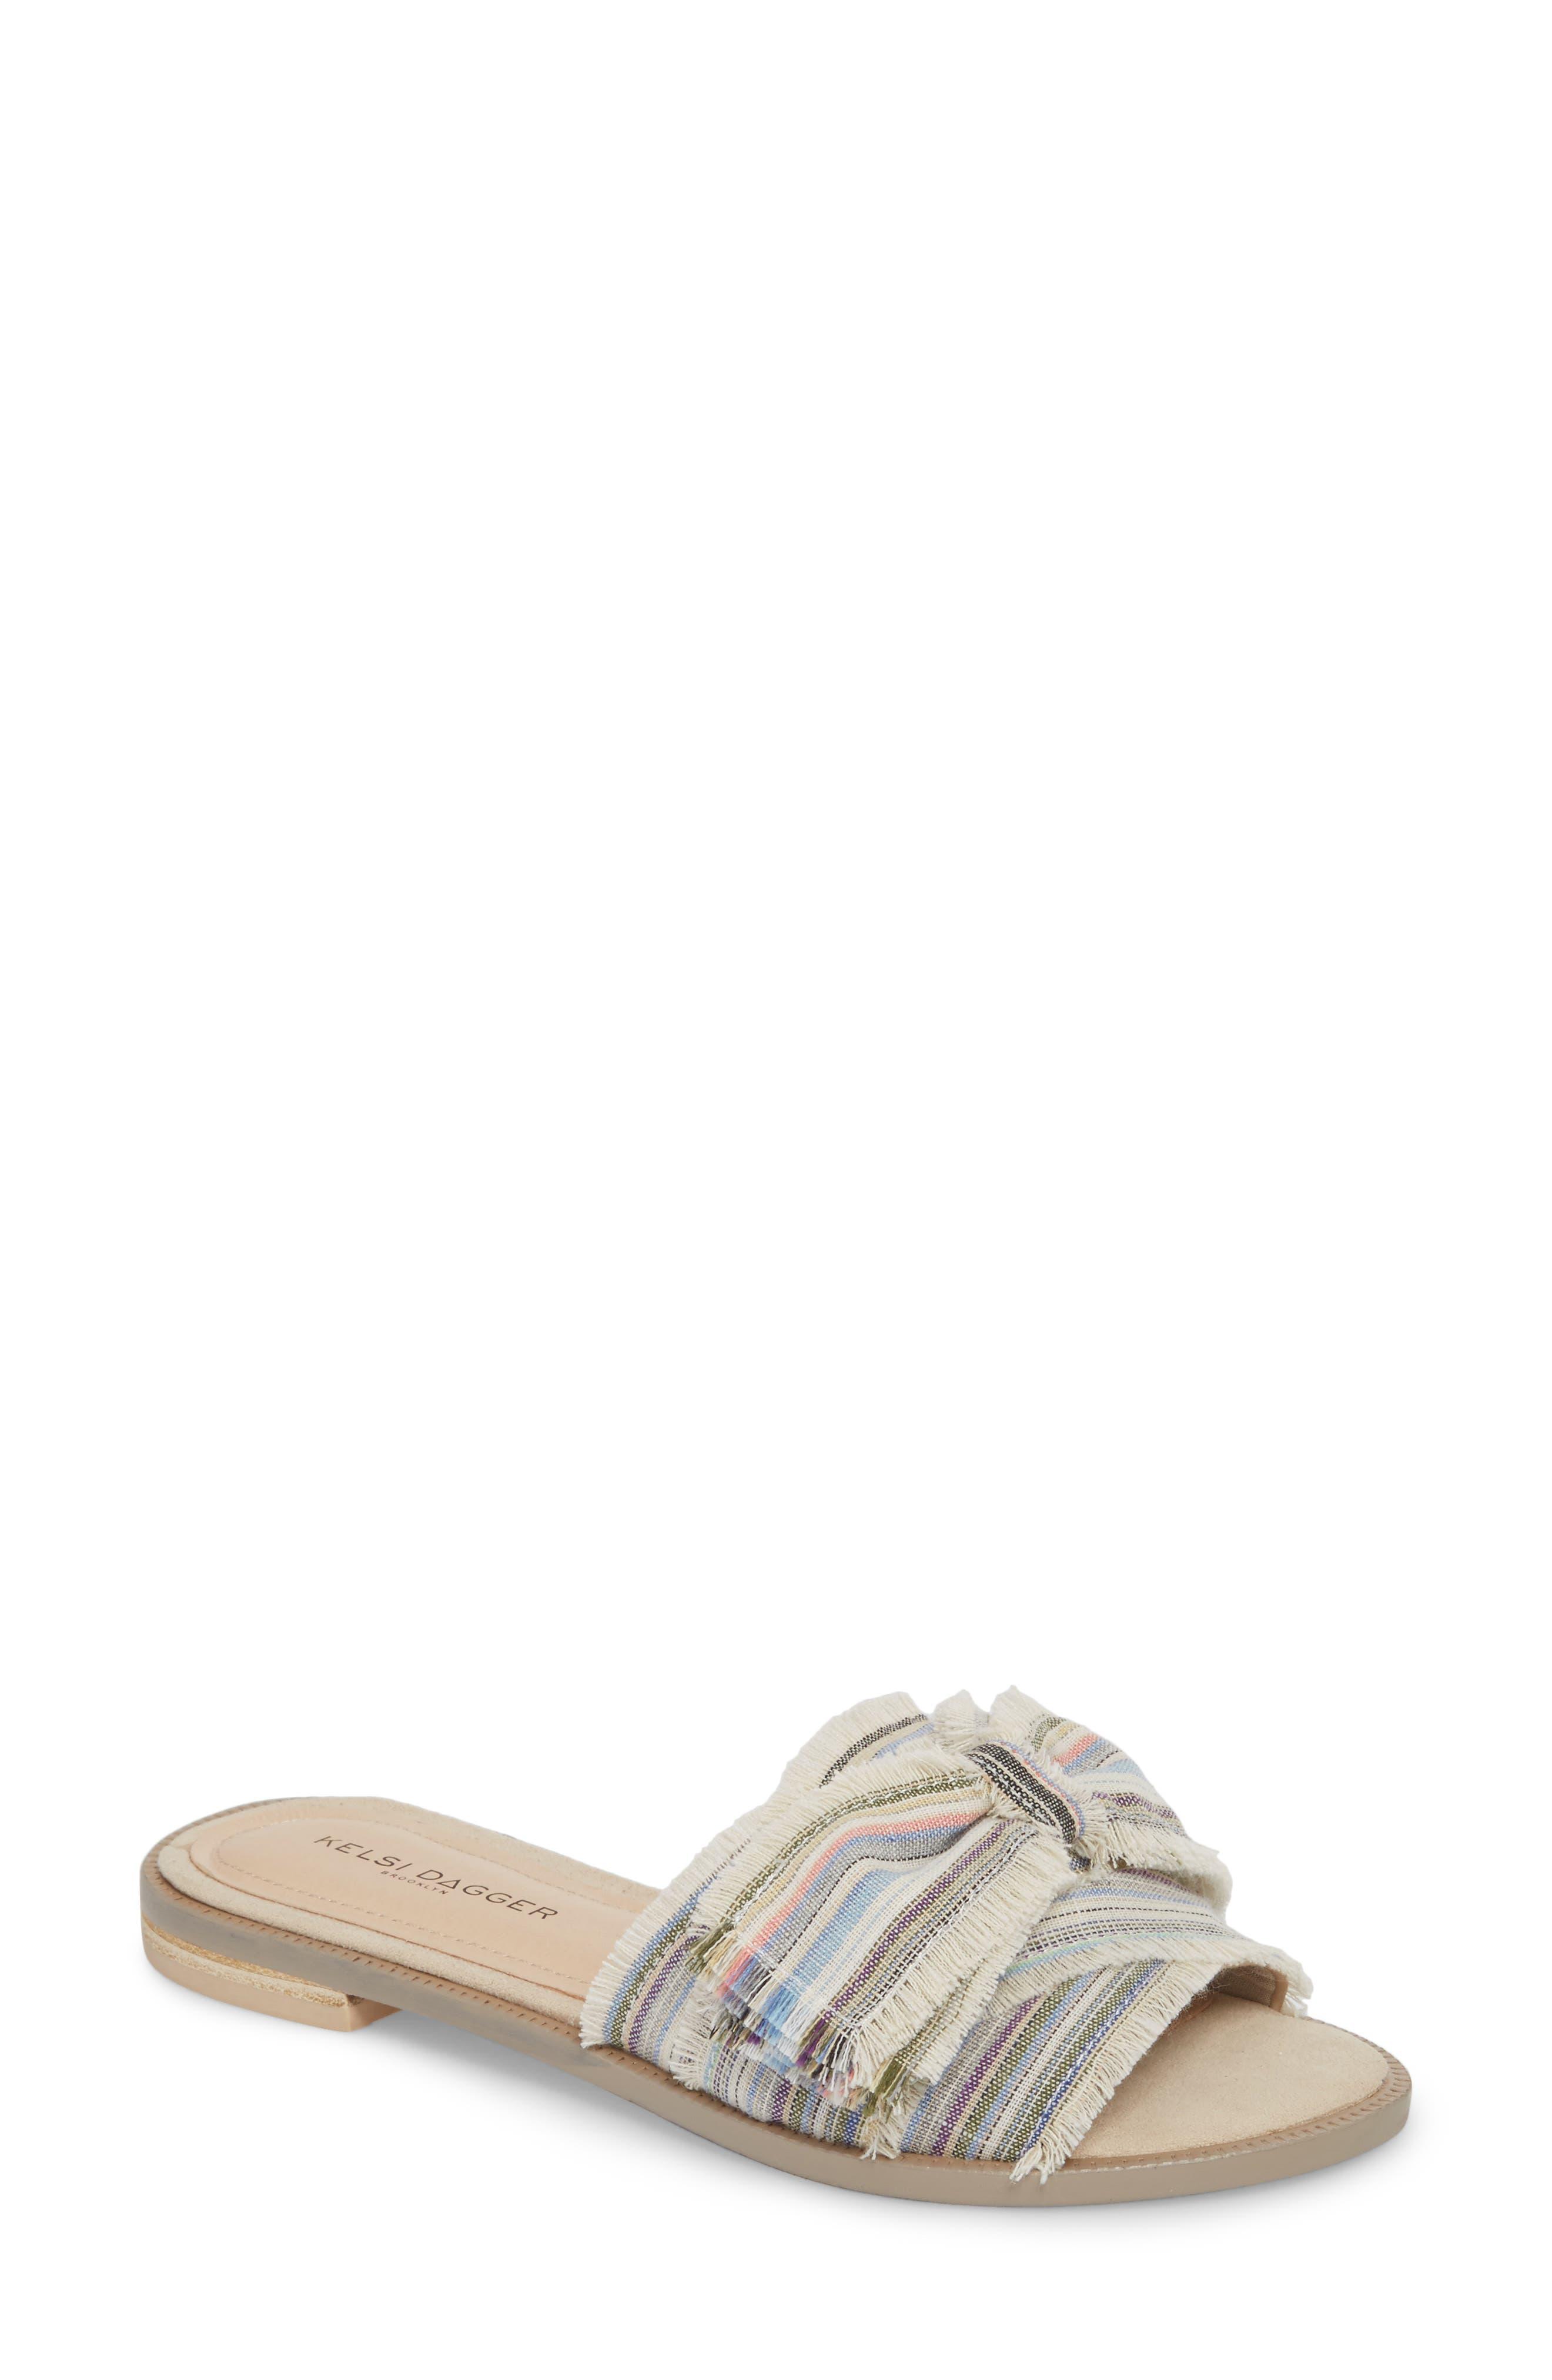 Revere Bow Slide Sandal,                         Main,                         color, Bone/ Multi